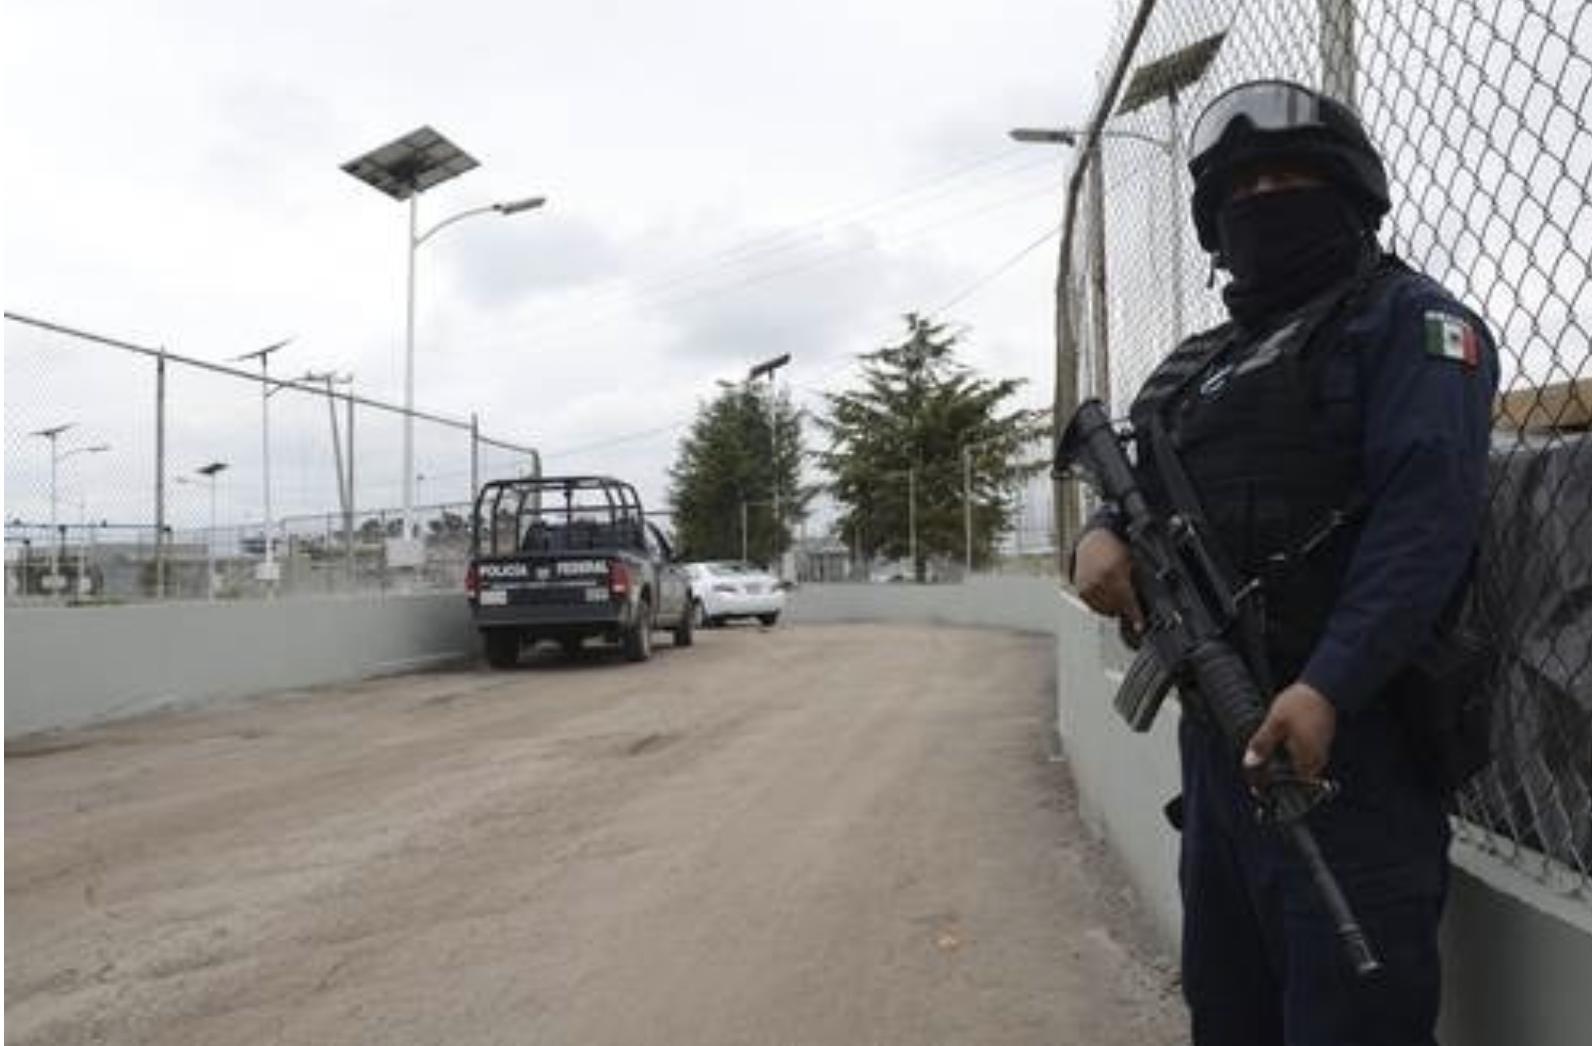 Vigilancia policiaca en el penal federal de máxima seguridad del Altiplano. Foto Agencia MTV / archivo